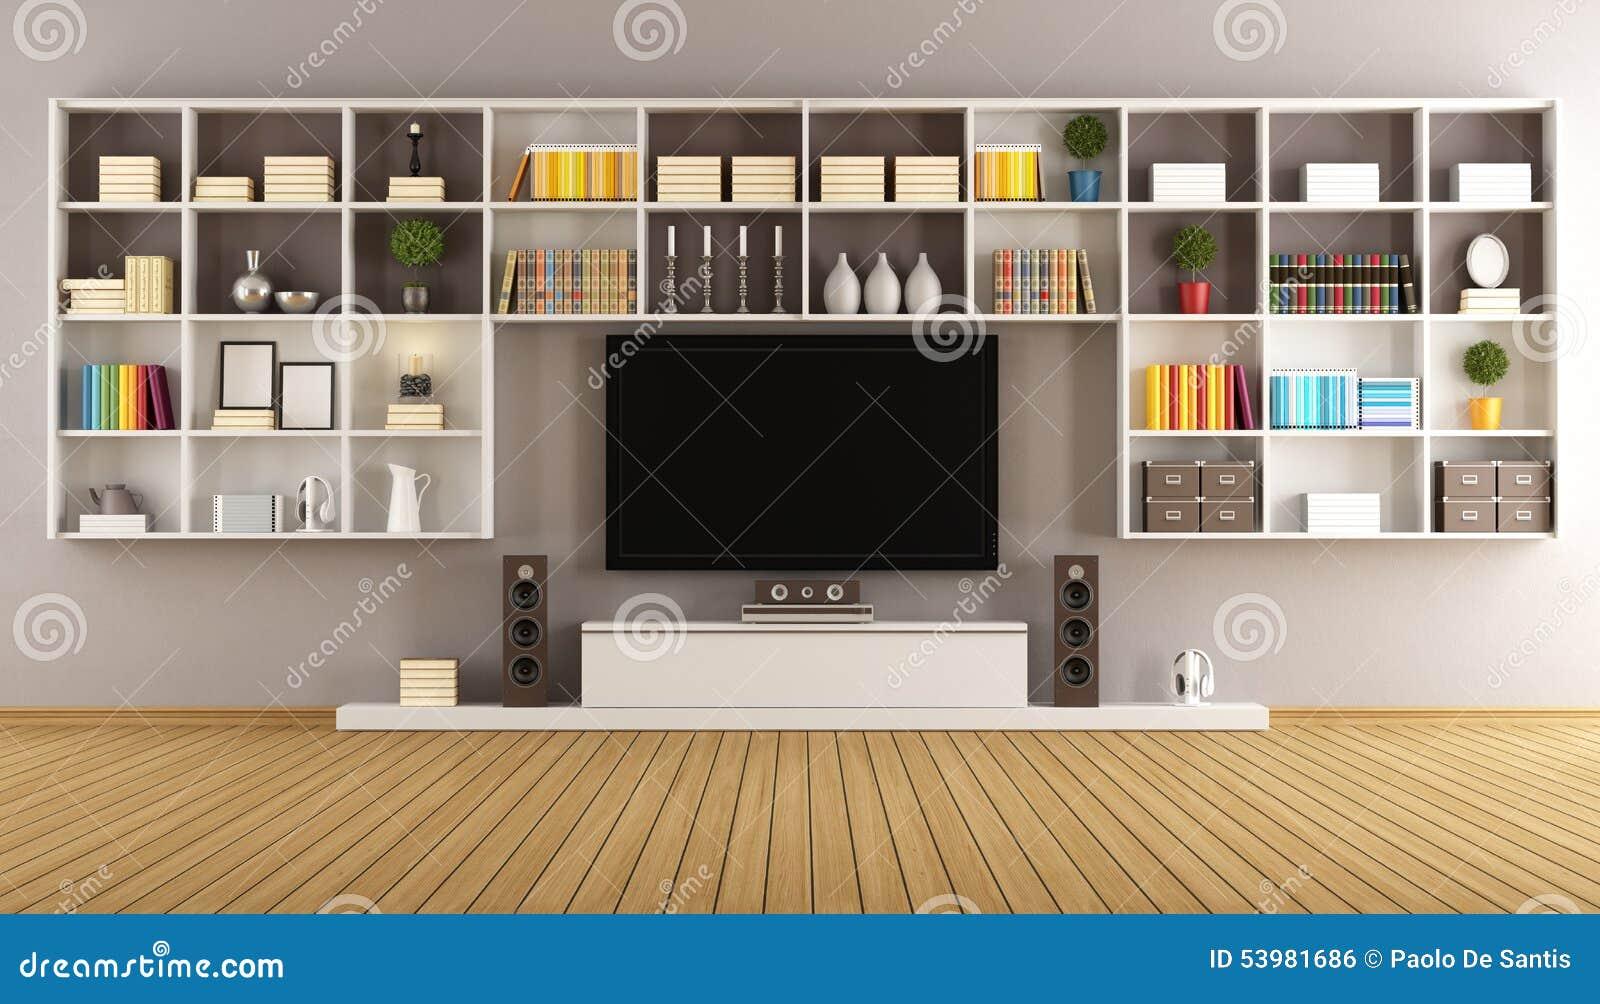 Sal n moderno con el estante para libros y la televisi n stock de ilustraci n ilustraci n de - Estantes para libros ...